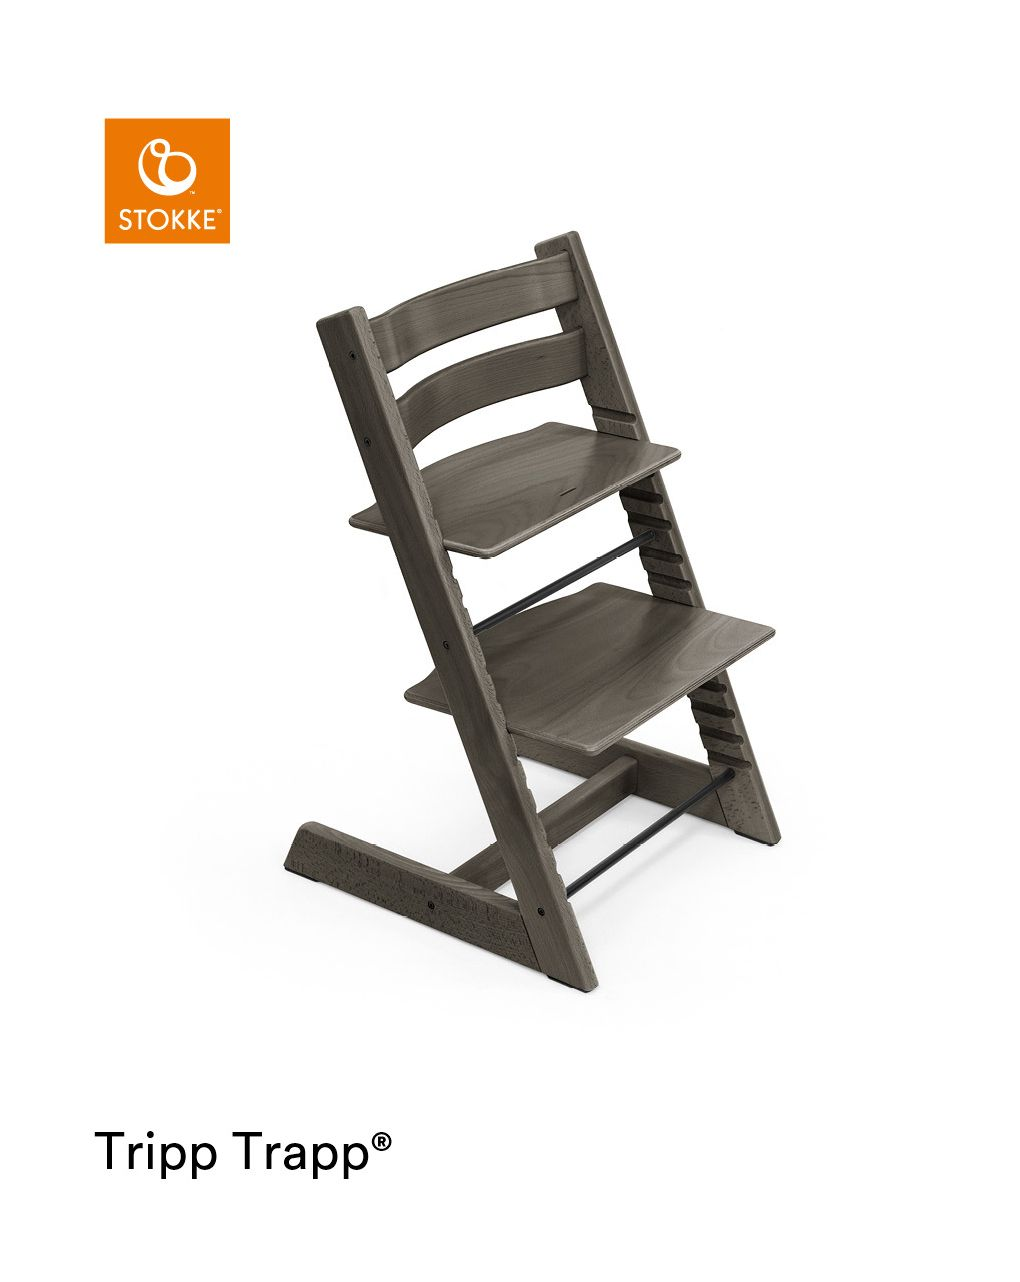 Tripp trapp® - hazy grey - Stokke